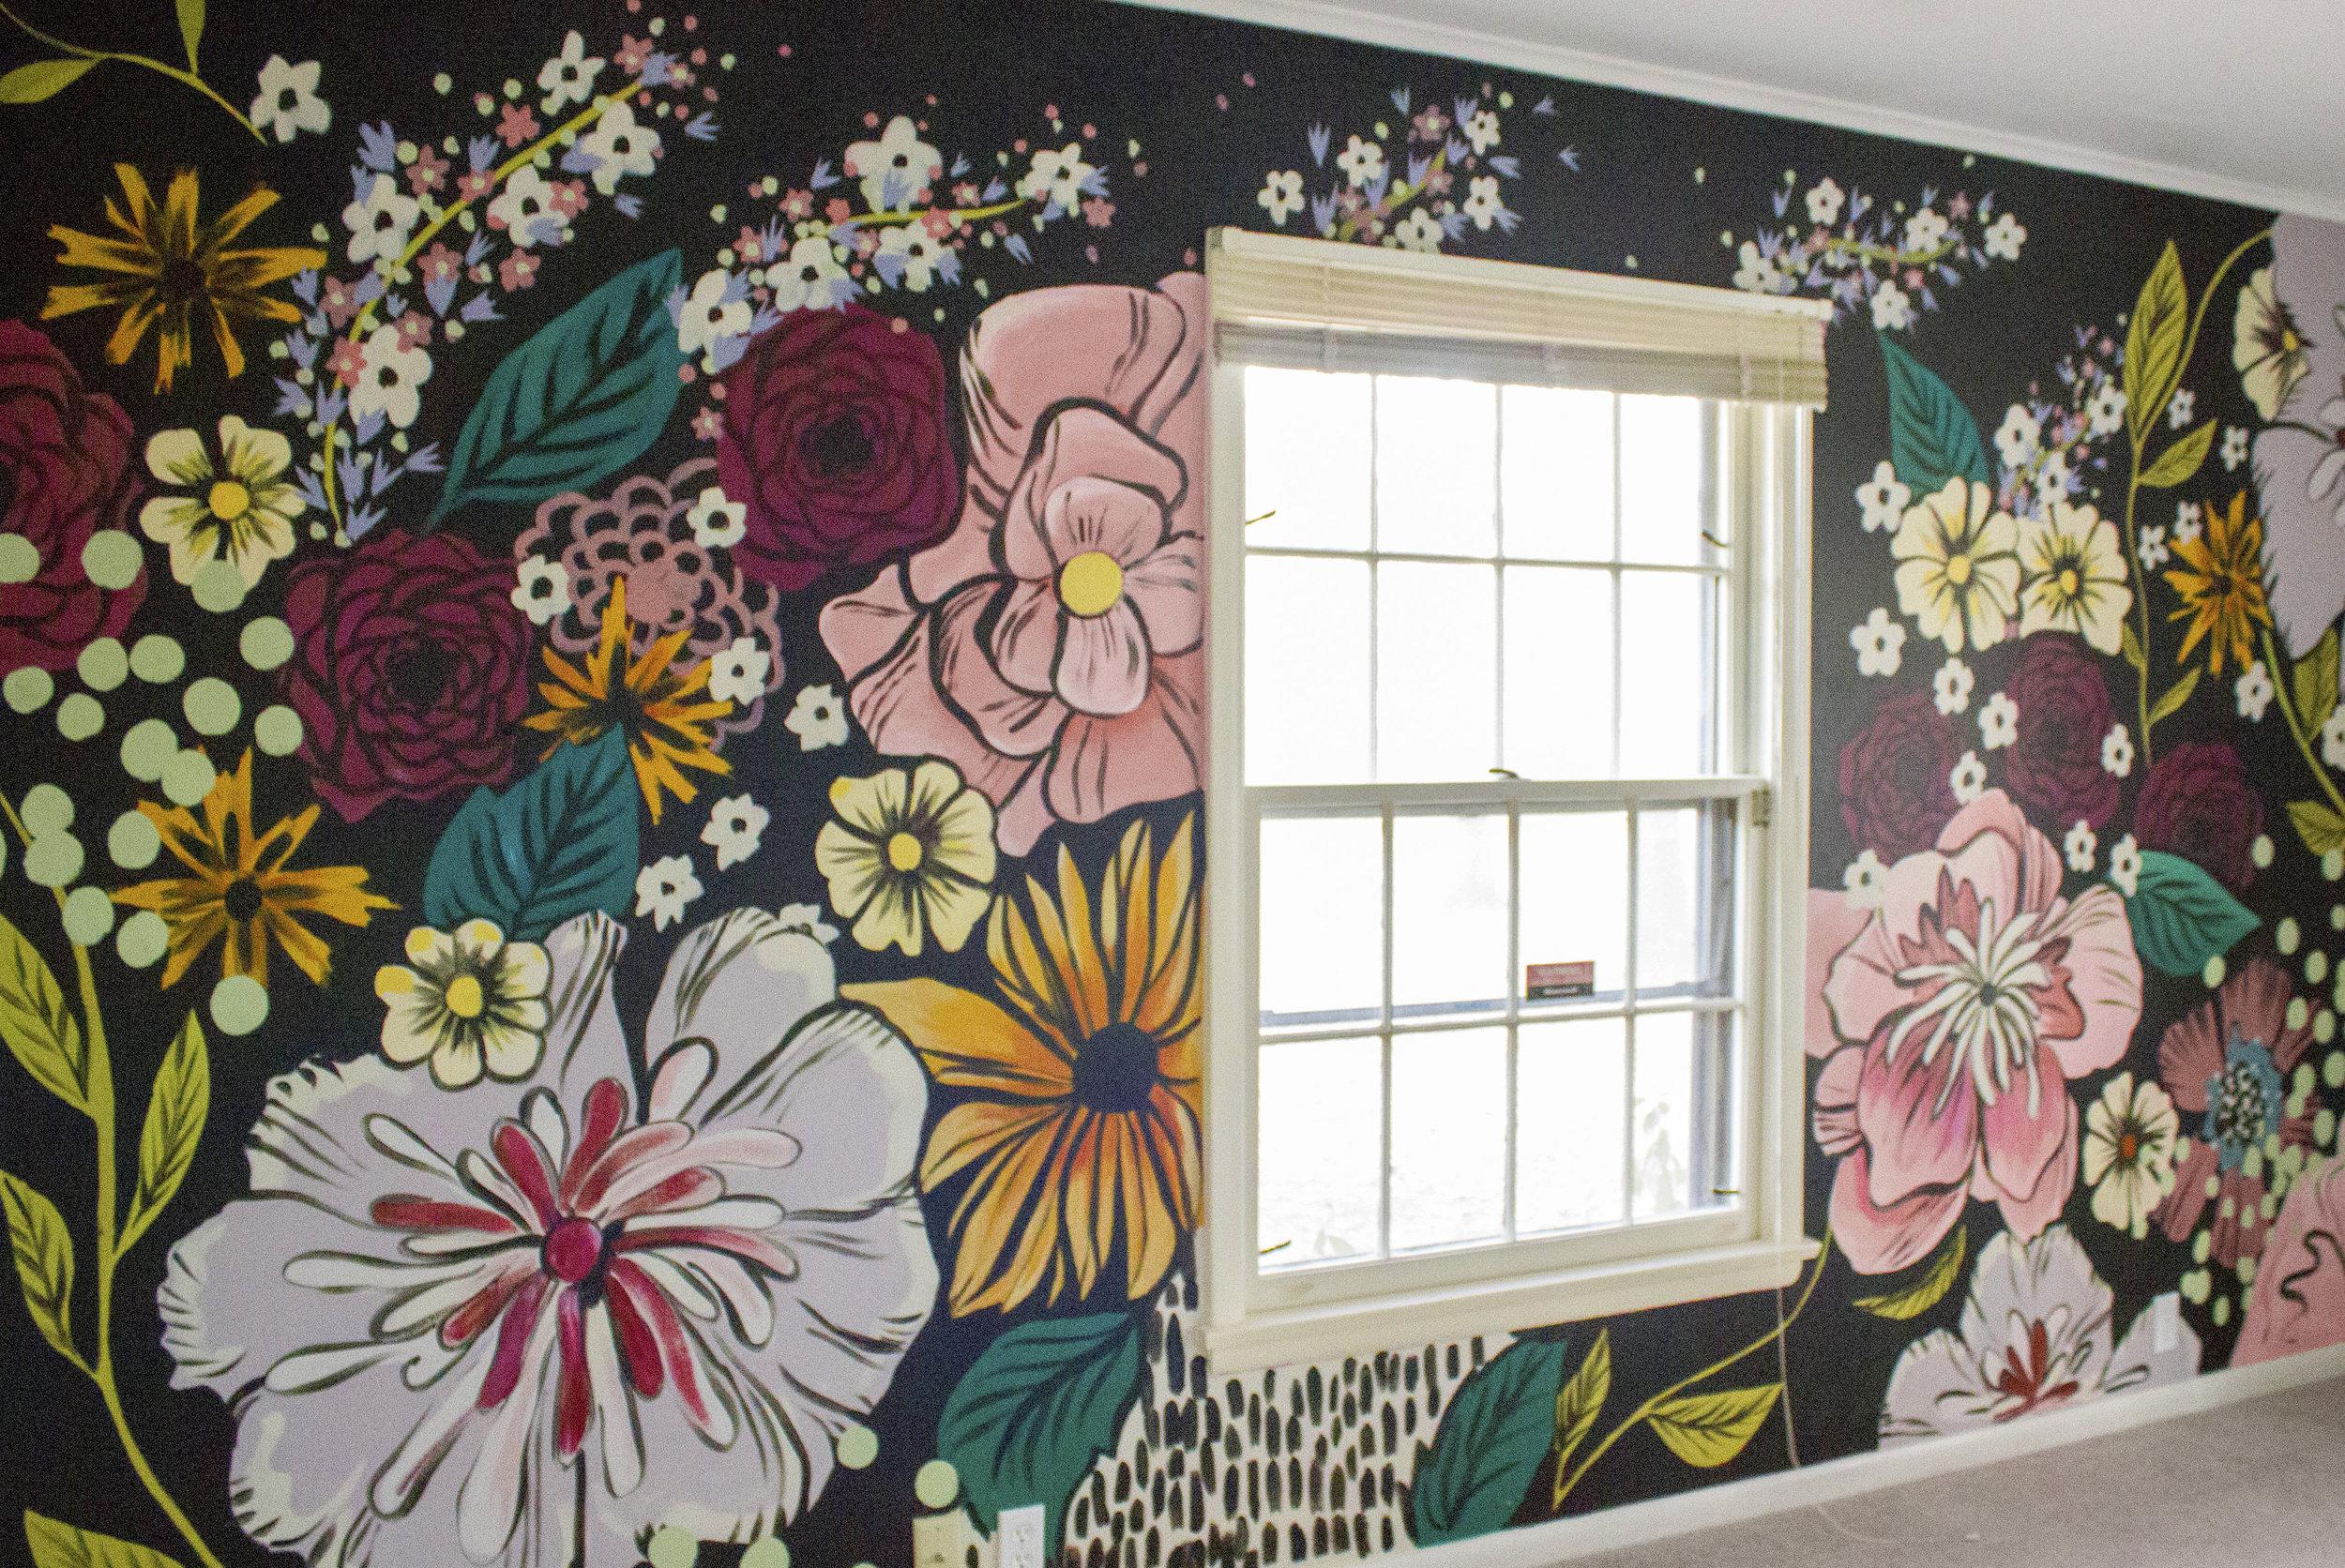 Painted Mural copy.jpg